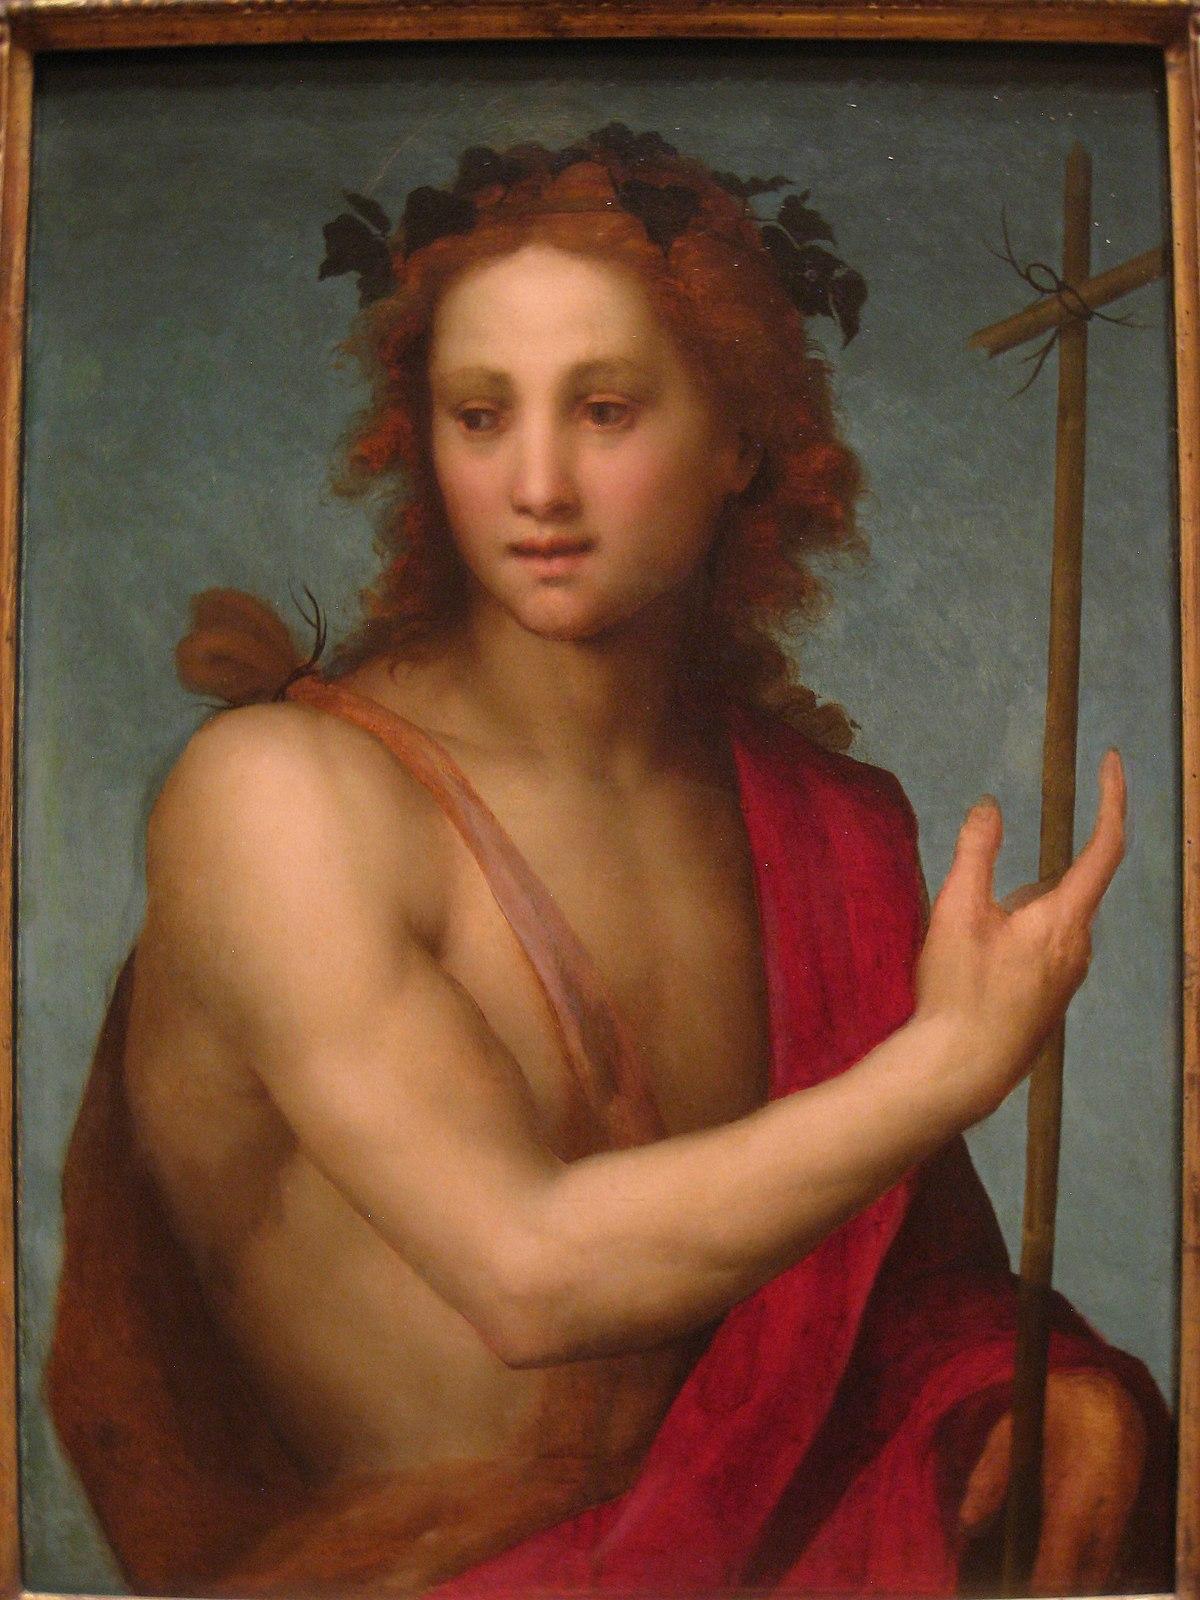 560827631 يوحنا المعمدان - ويكيبيديا، الموسوعة الحرة